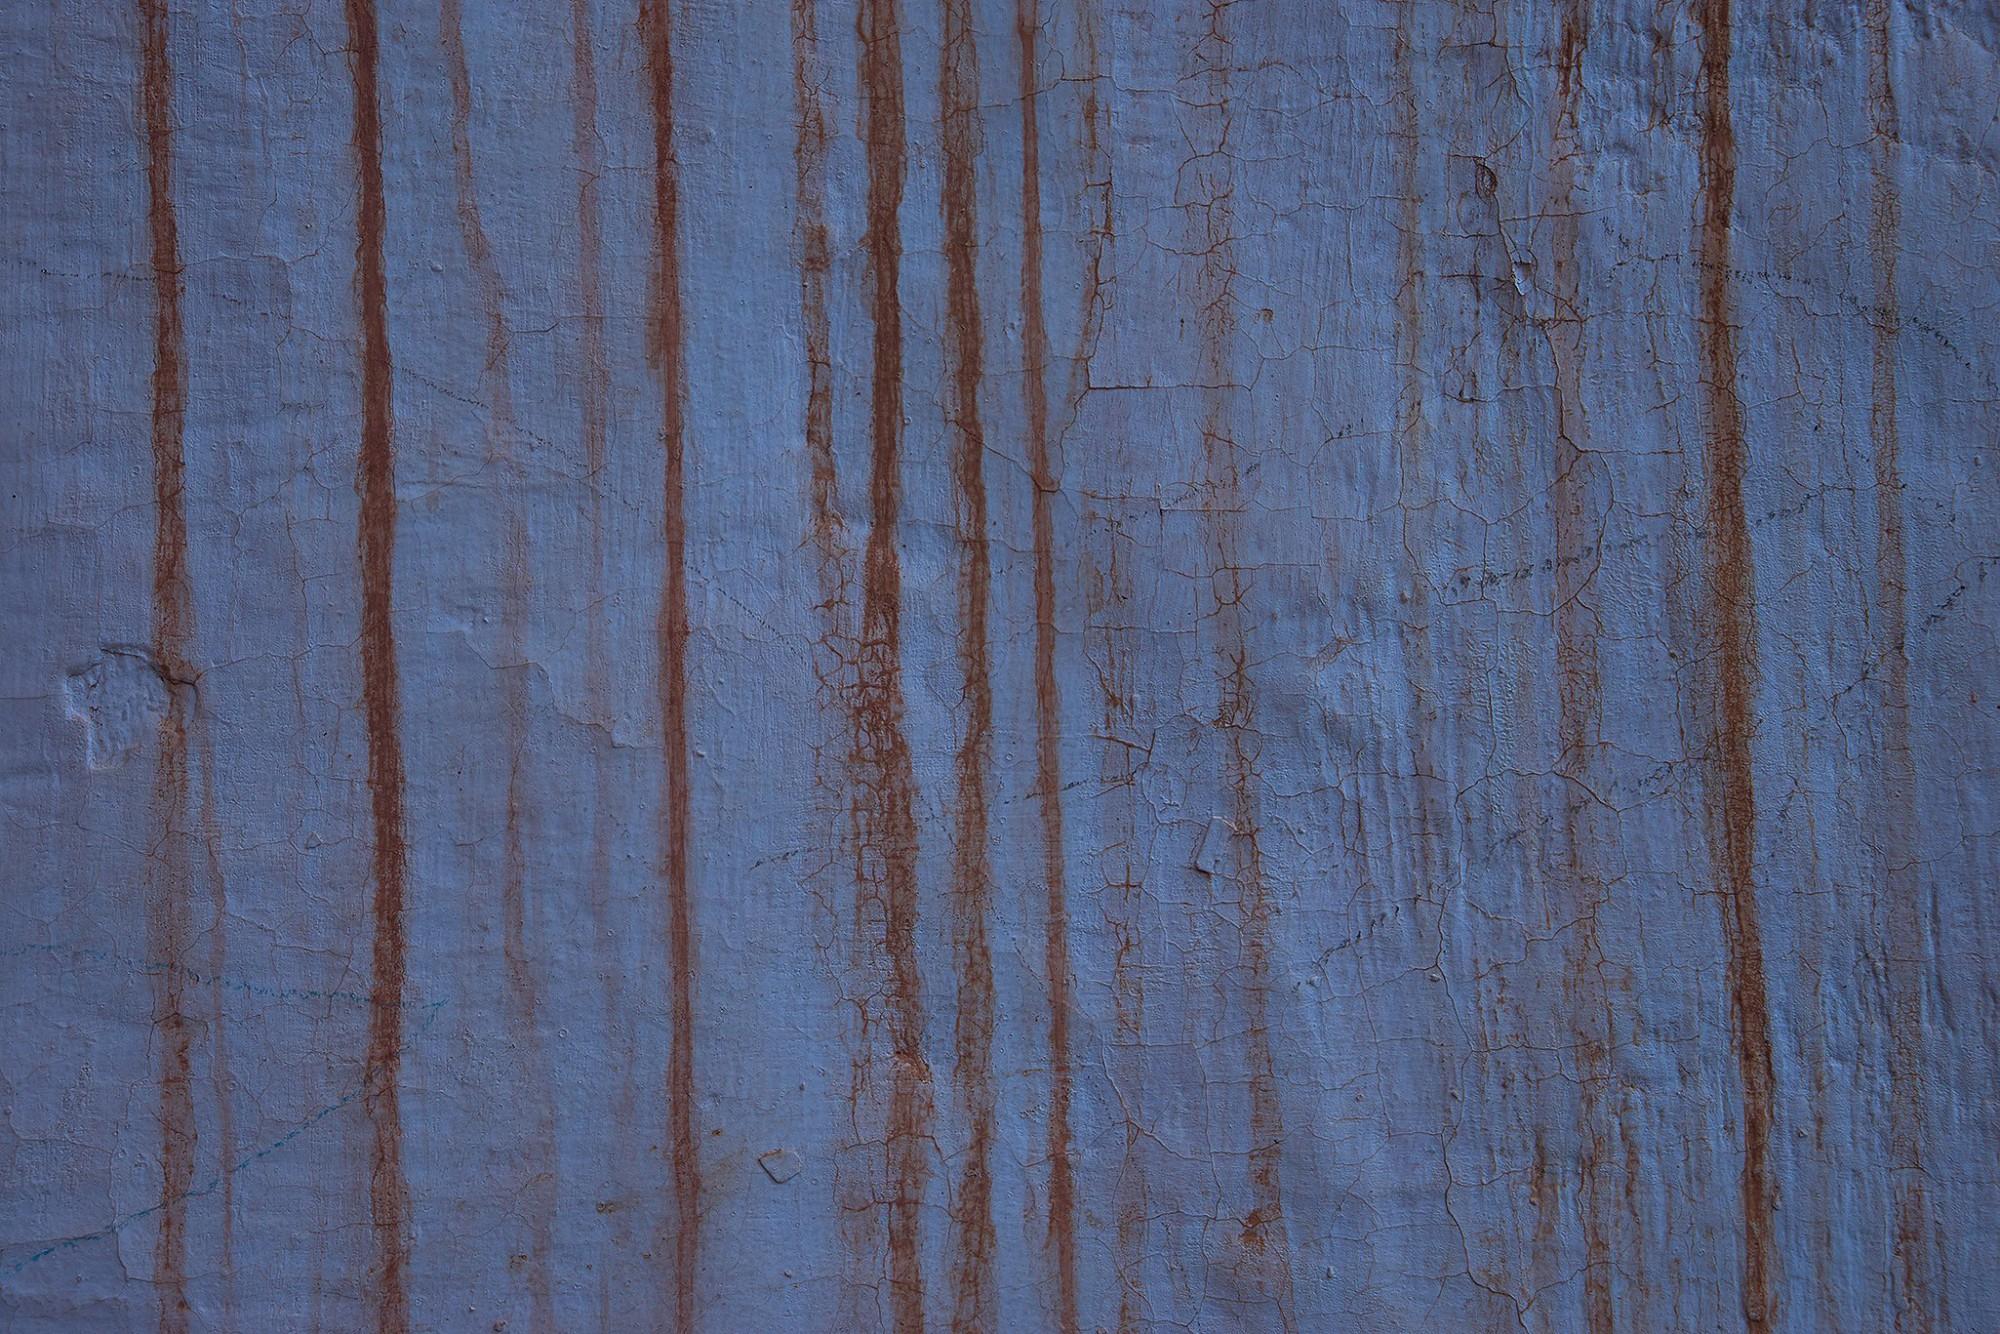 Afbeelding: Fotokunst Dominique Van Huffel, uit de reeks: Muren van geschiedenis. Marokko.